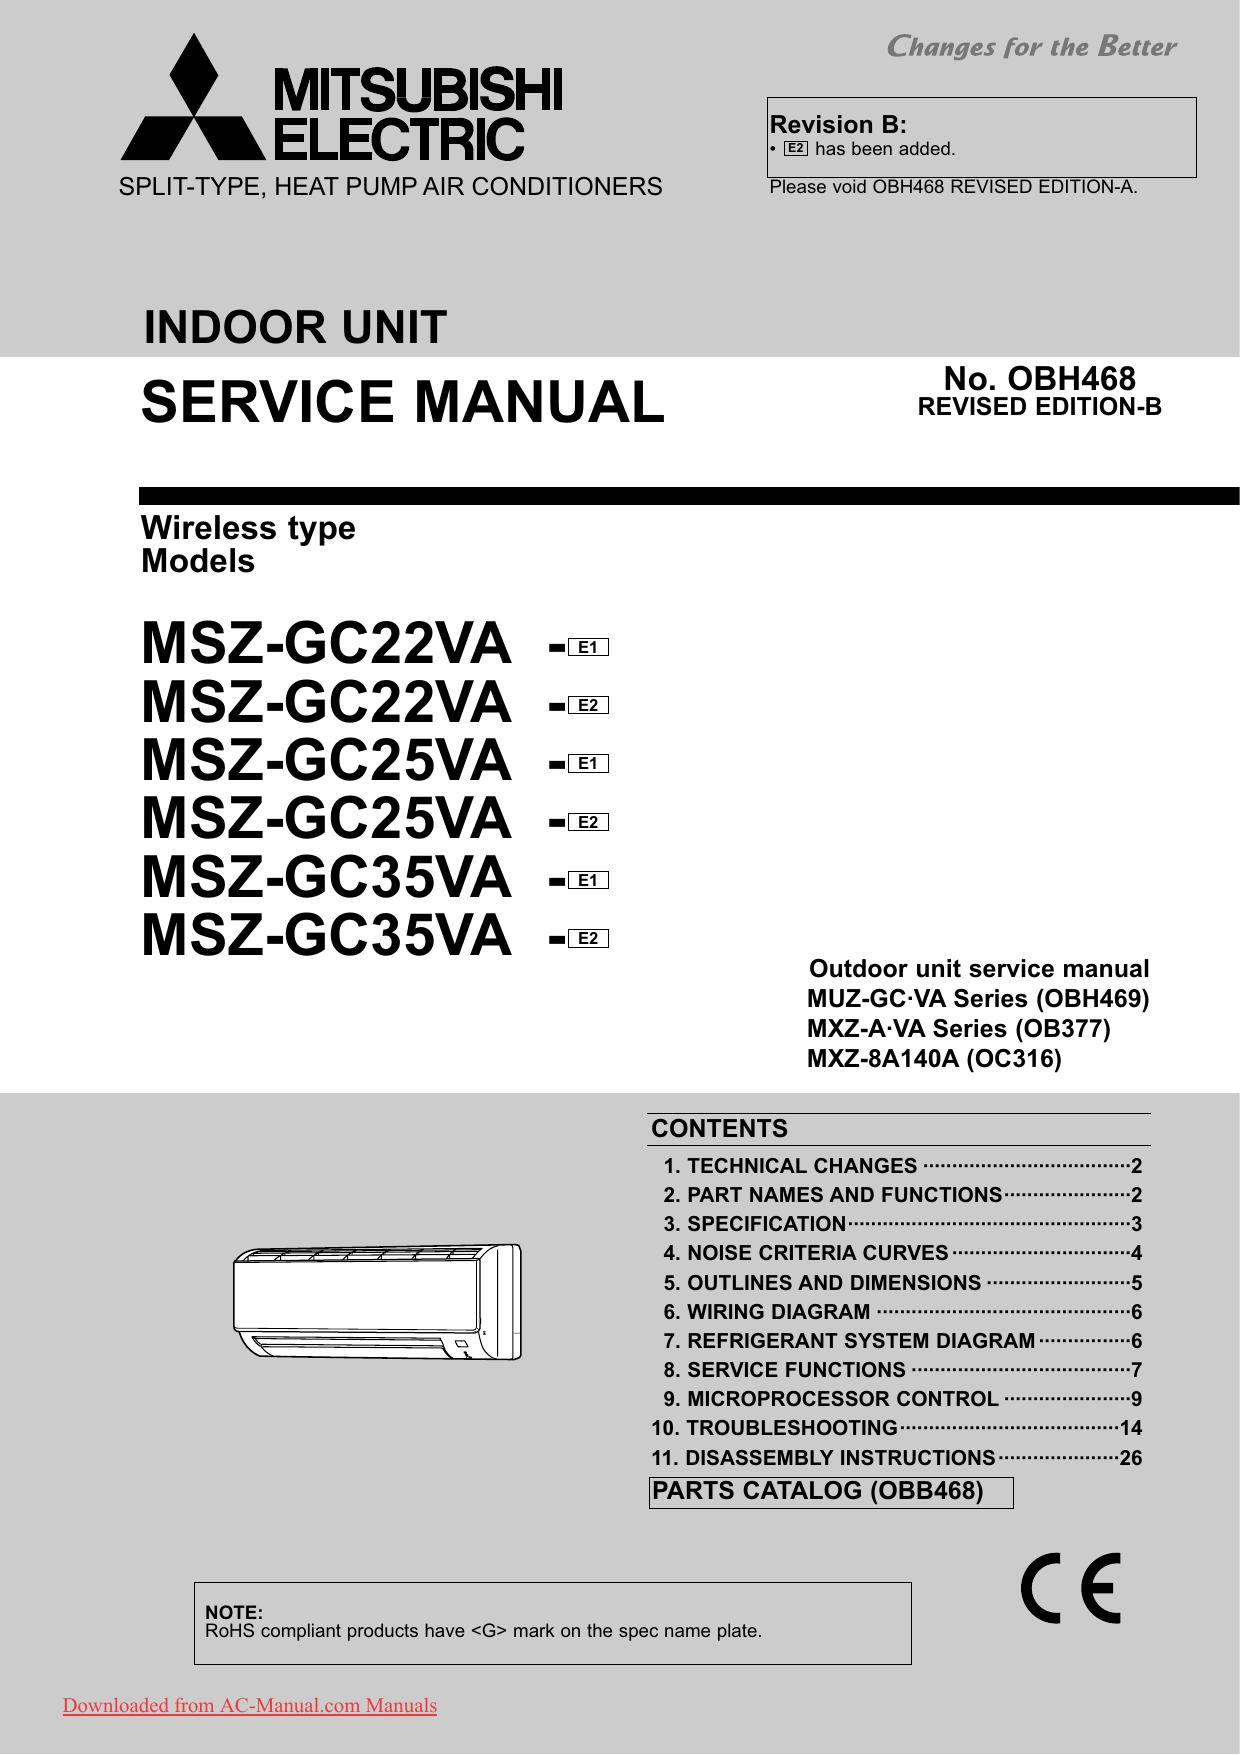 M Series Mitsubishi Split System Wiring Diagram on